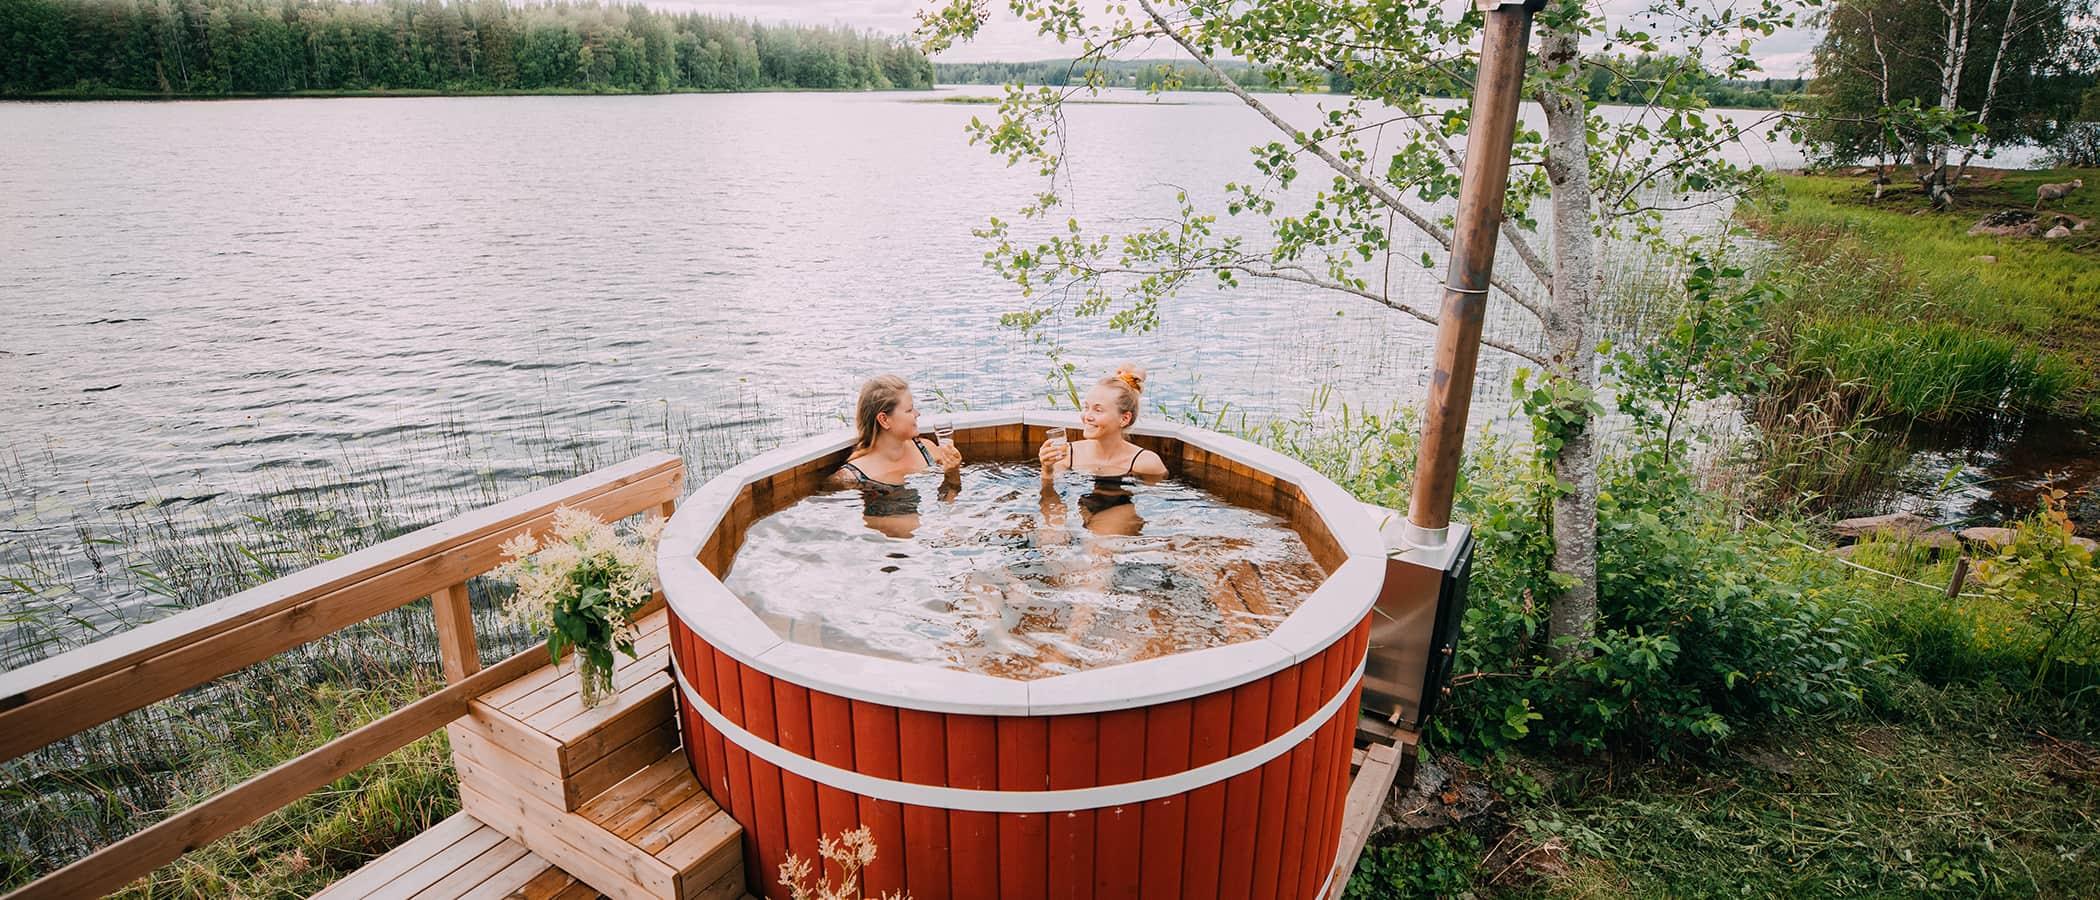 Zwei Personen sitzen in der Badetonne